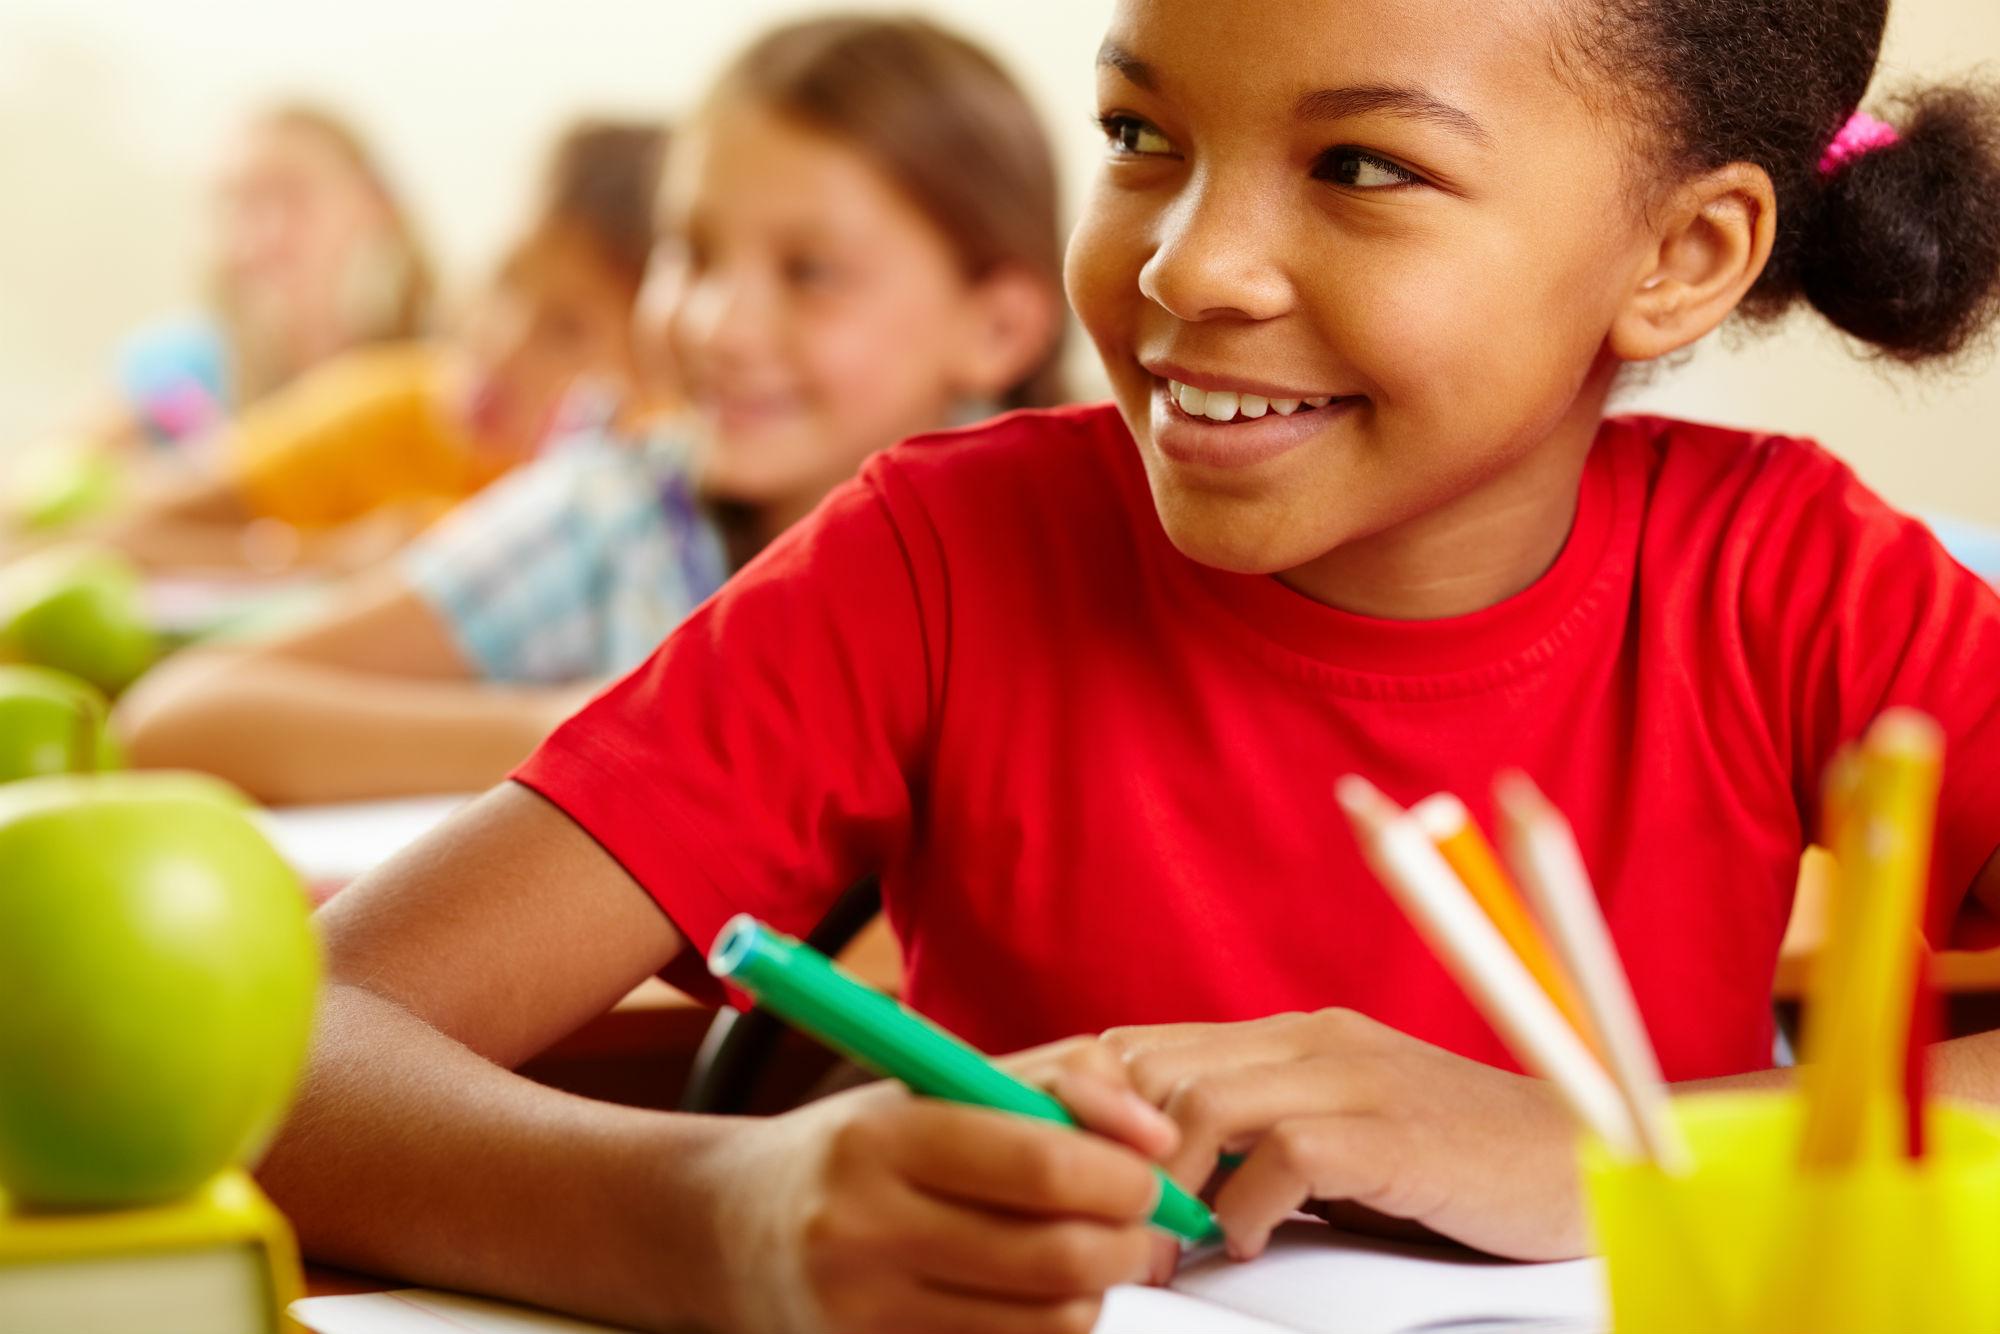 ruido-escolas-afeta-fala-criancas